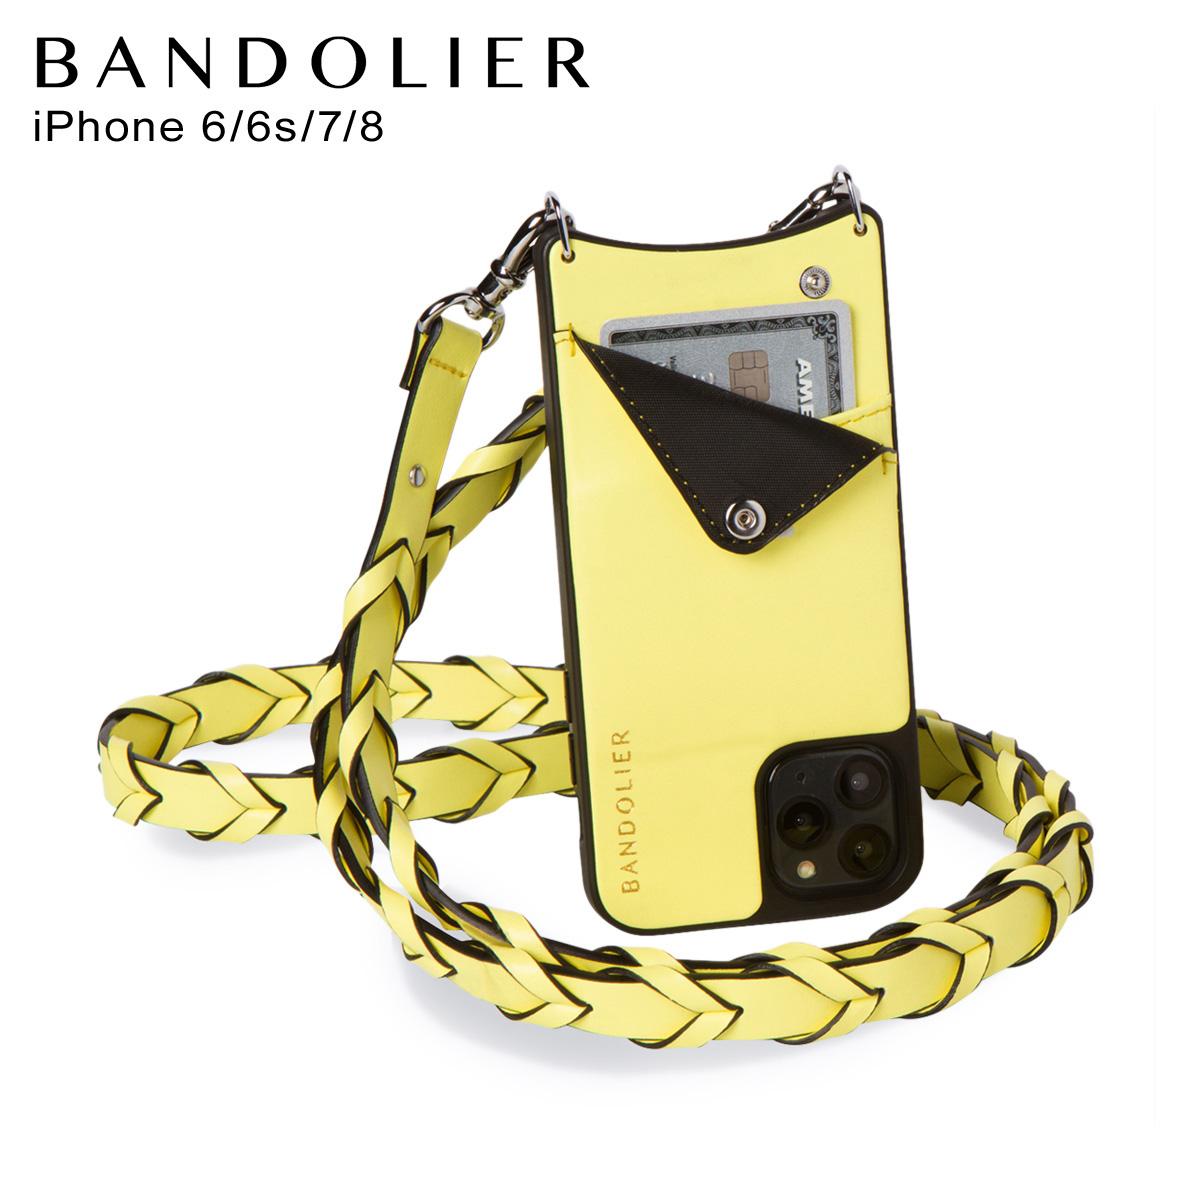 バンドリヤー BANDOLIER iPhone SE 8 7 6s 6 ケース スマホ 携帯 ショルダー アイフォン メンズ レディース レザー ZOEY YELLOW イエロー 10ZOE [4/10 再入荷]